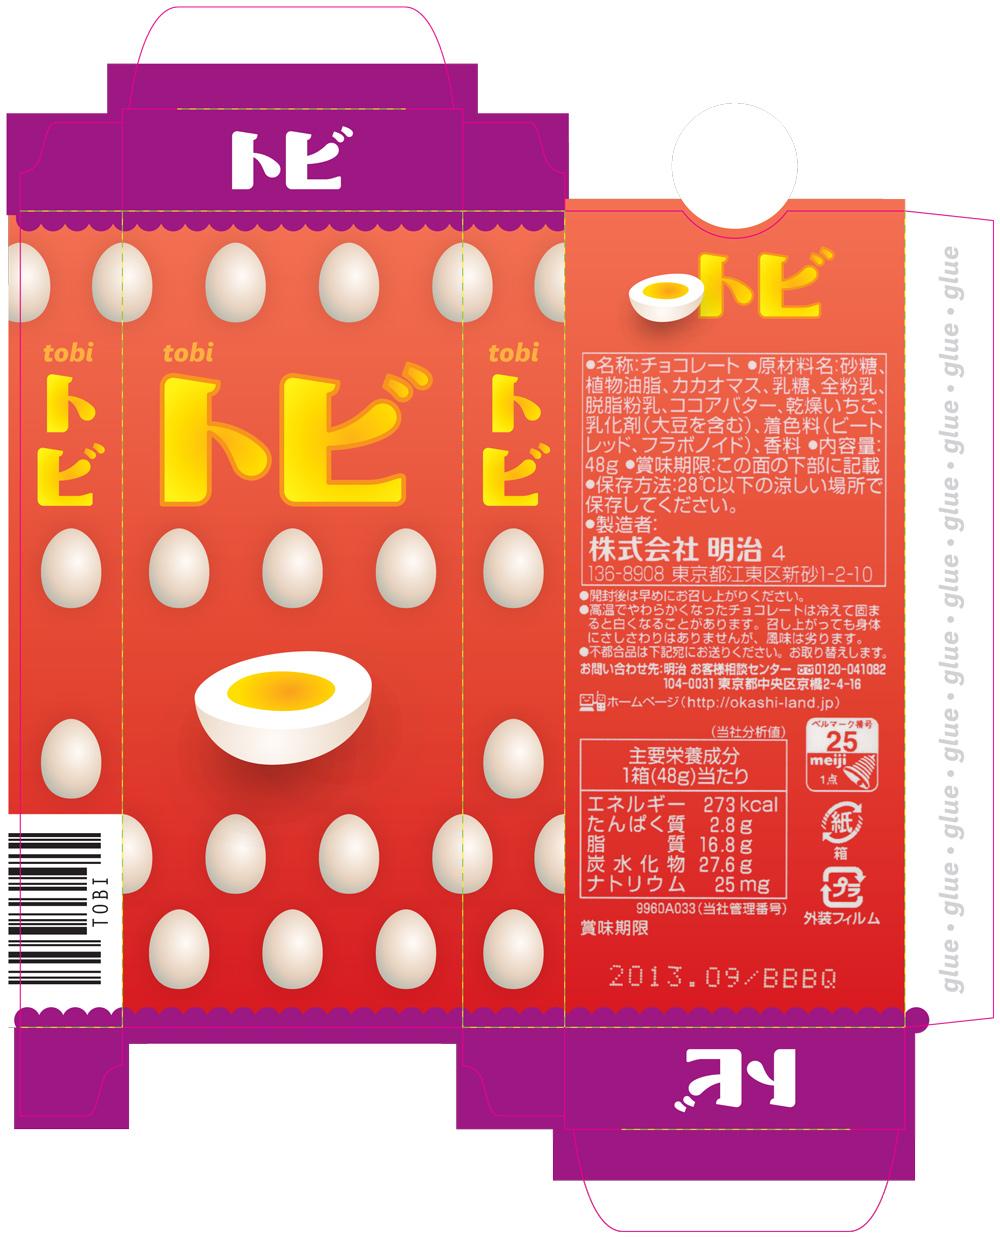 トビ chocolate packaging dieline